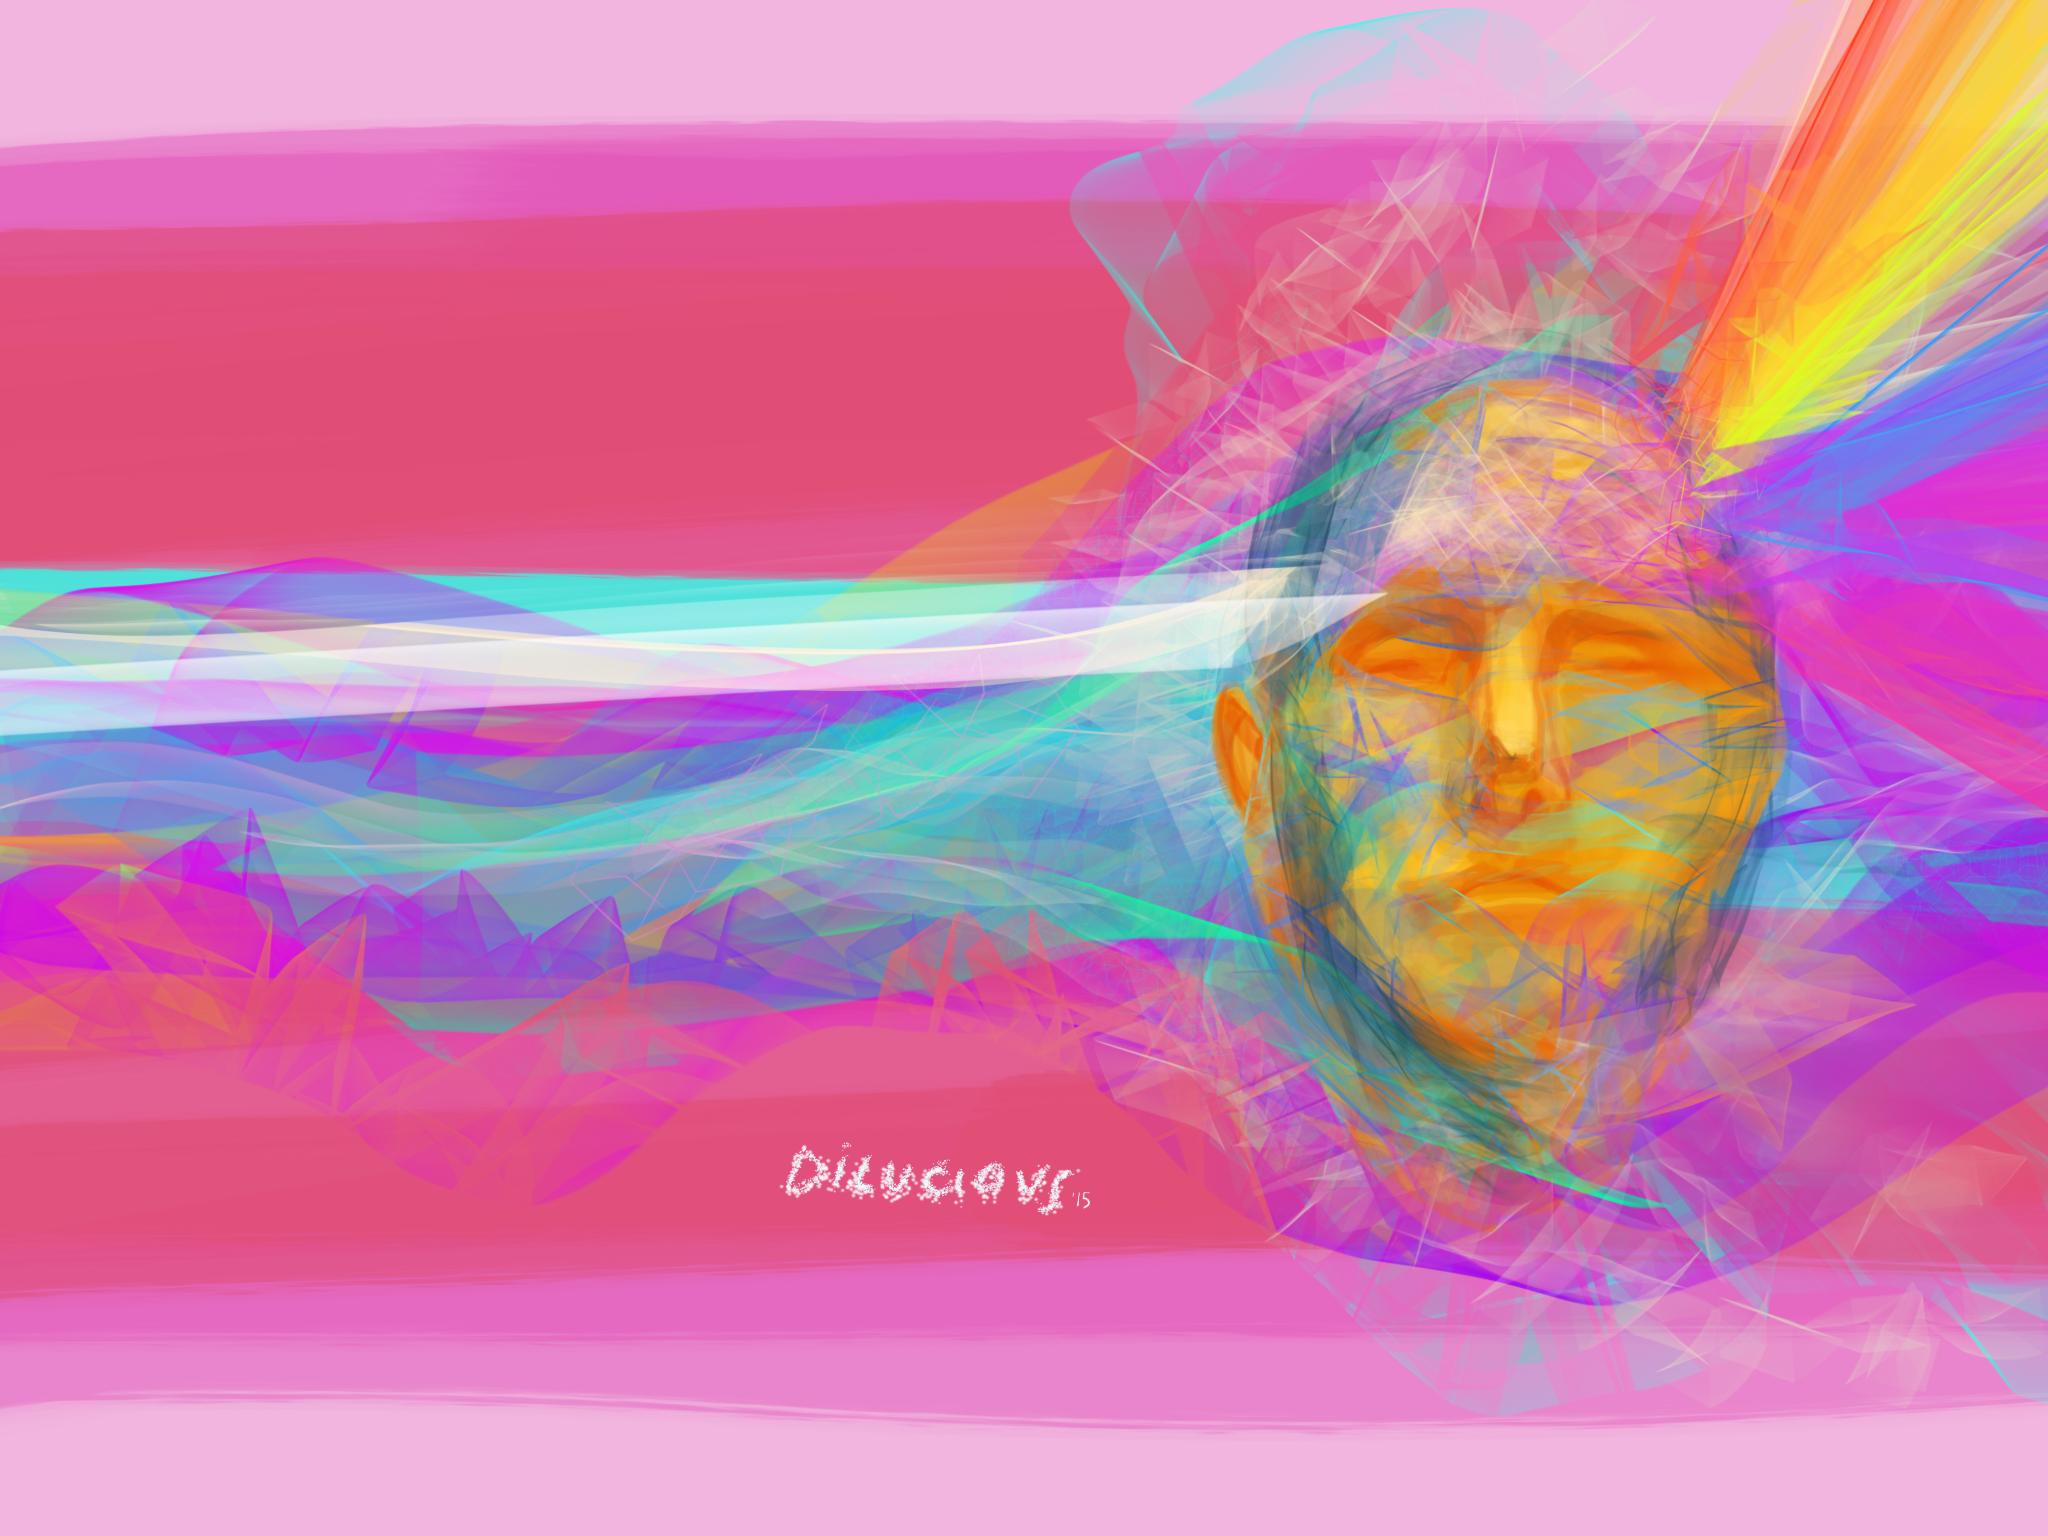 Mental prism